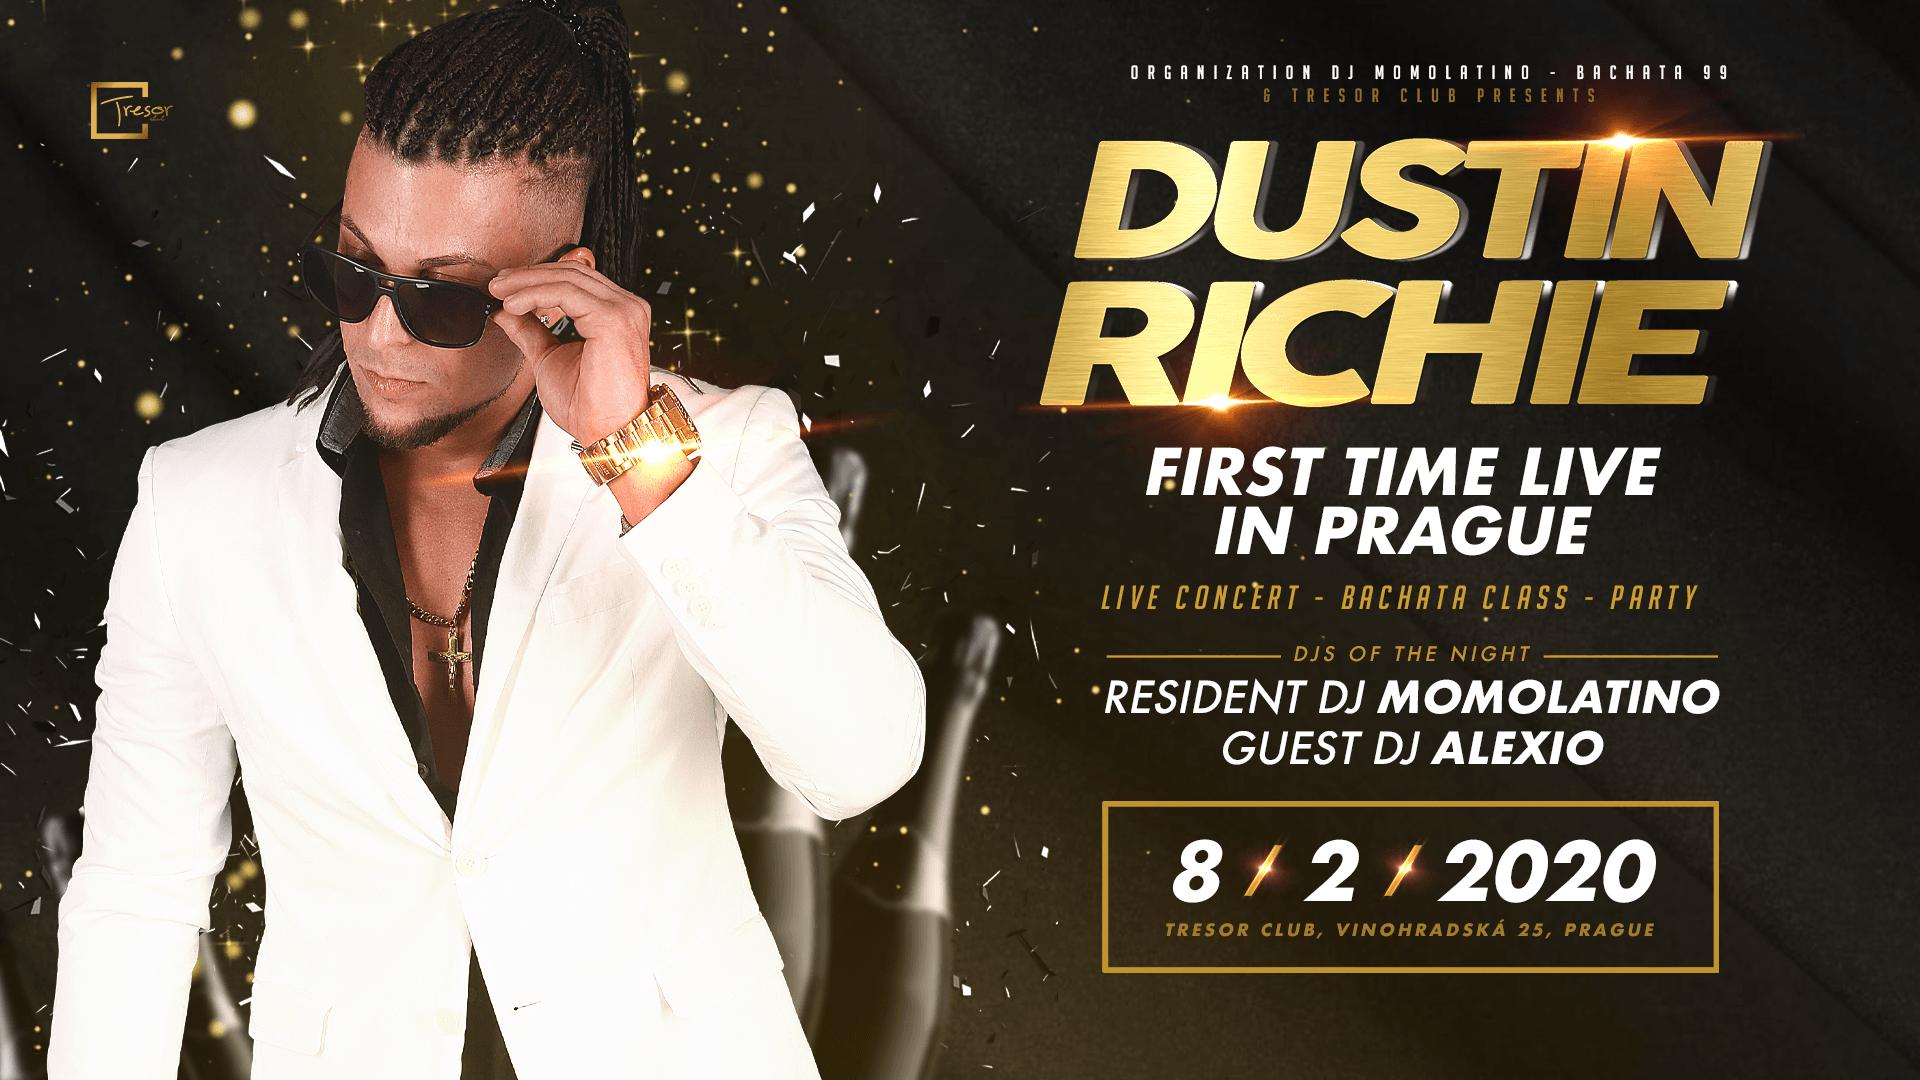 Dustin Richie Live Concert